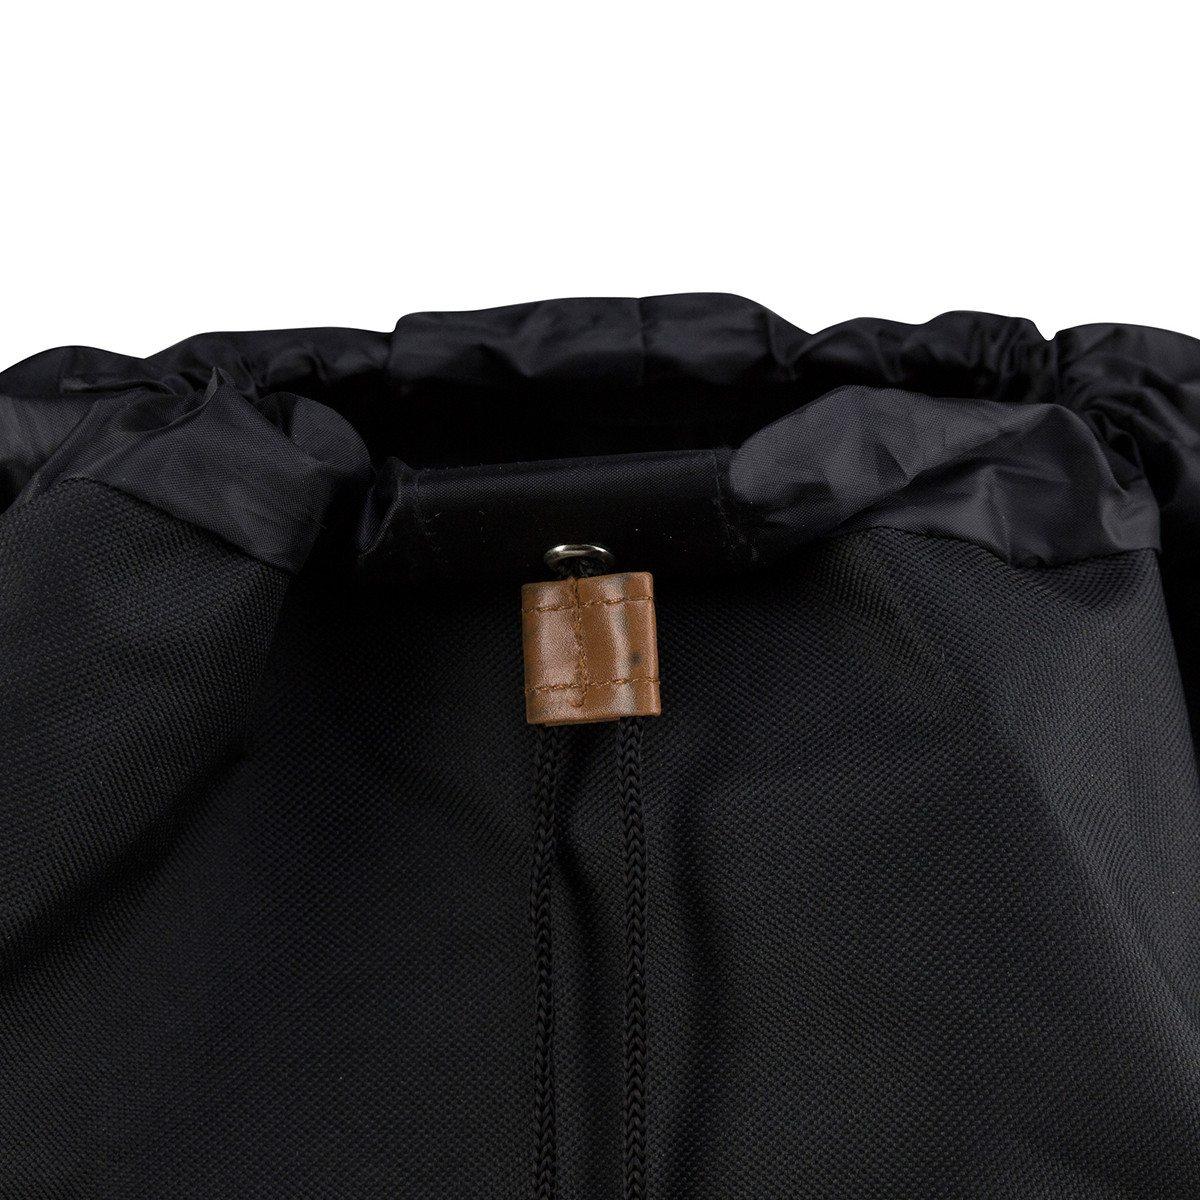 Sort rygsæk med initialer